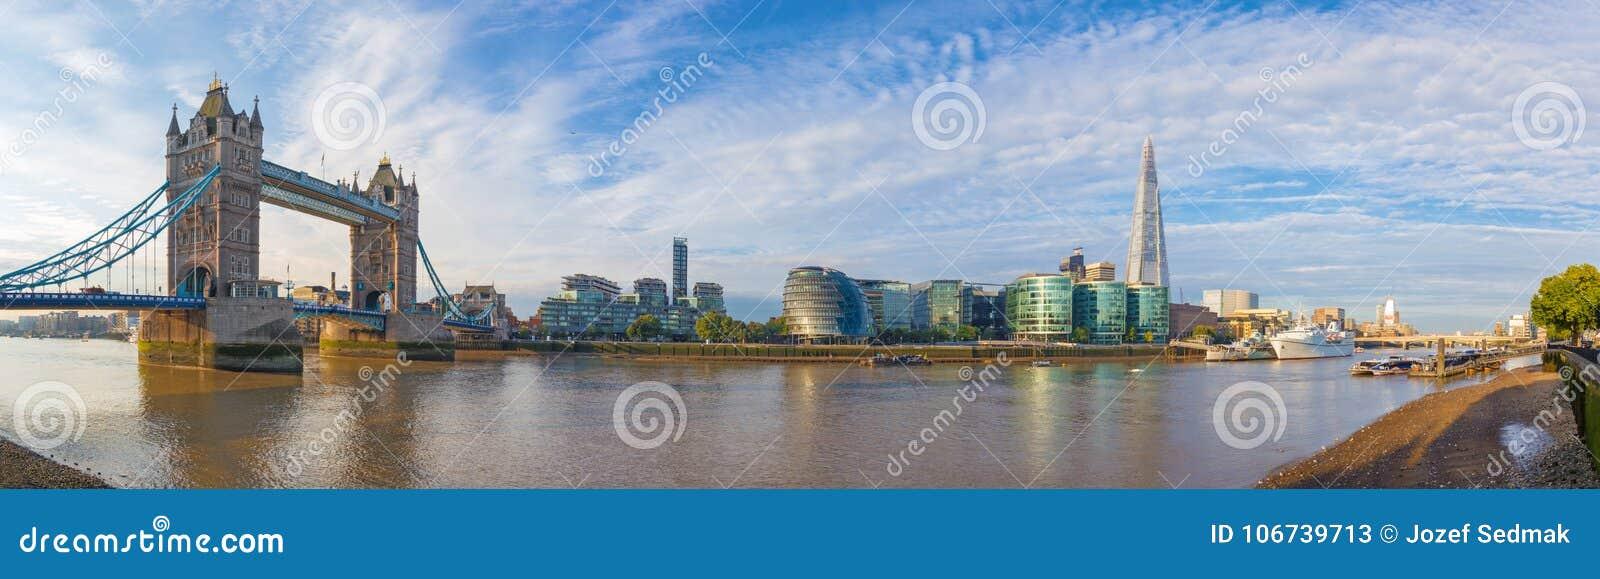 Londres - el panorama con el ayuntamiento del puente de la torre y la orilla en la luz de la mañana